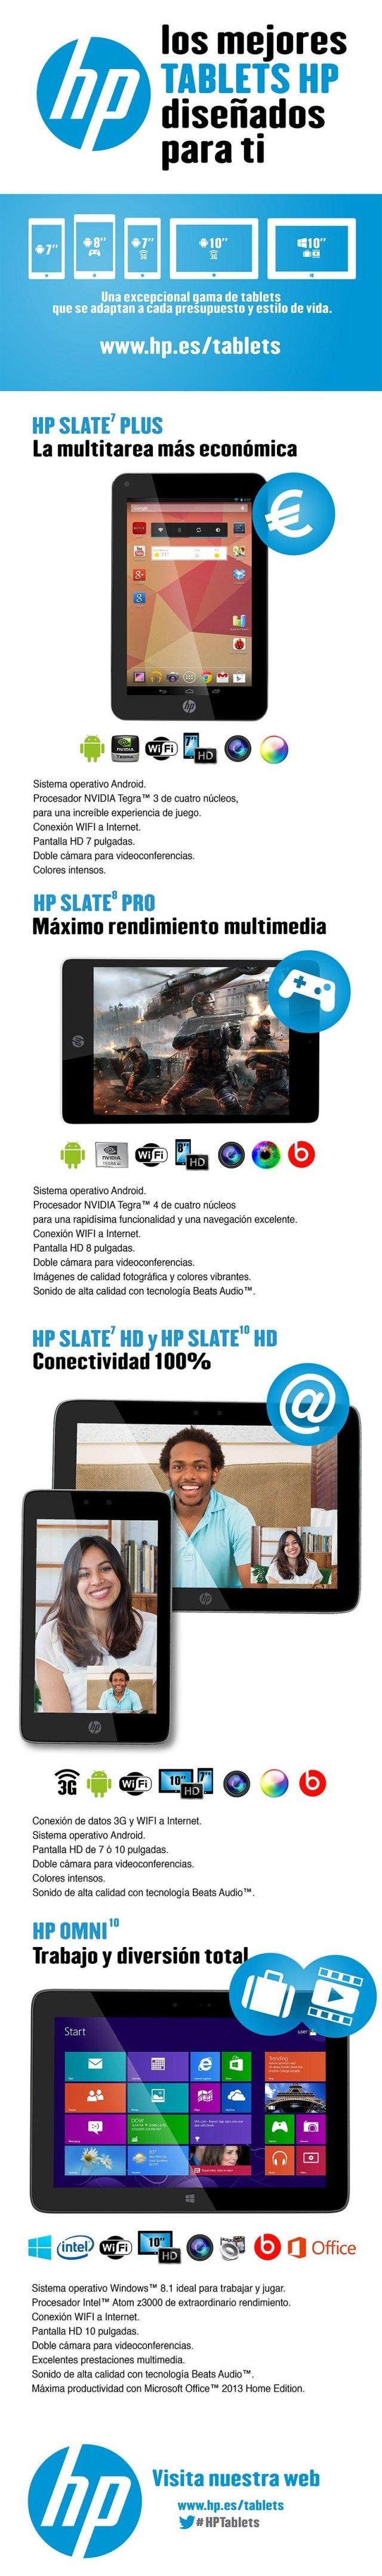 Las tabletas de HP